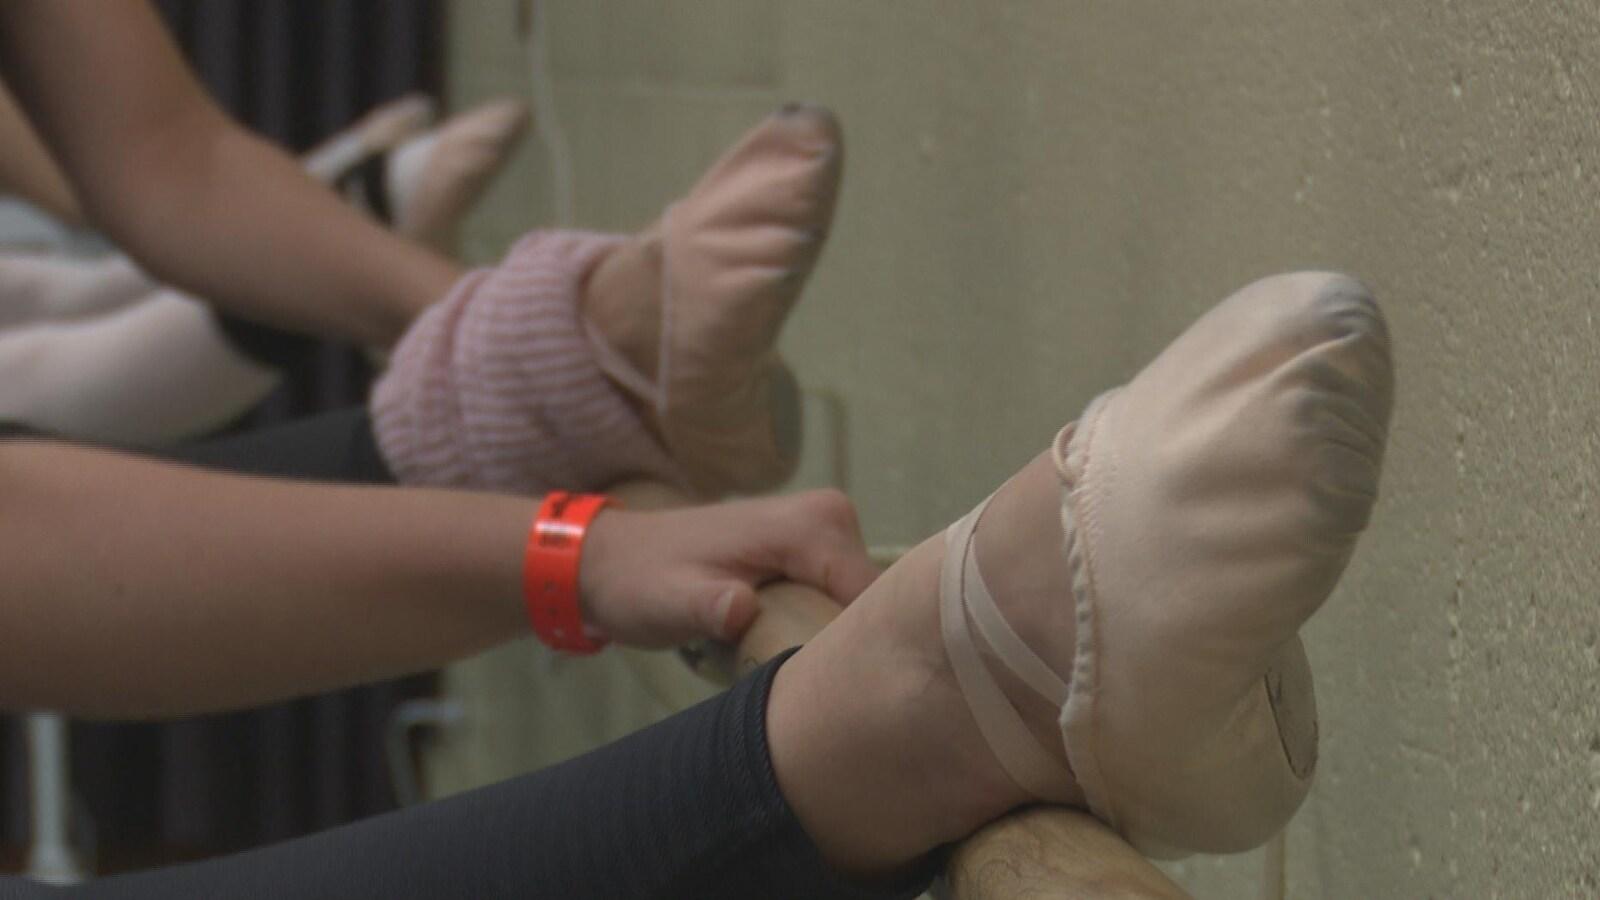 Des pieds de danseuses dans des chaussons de danse